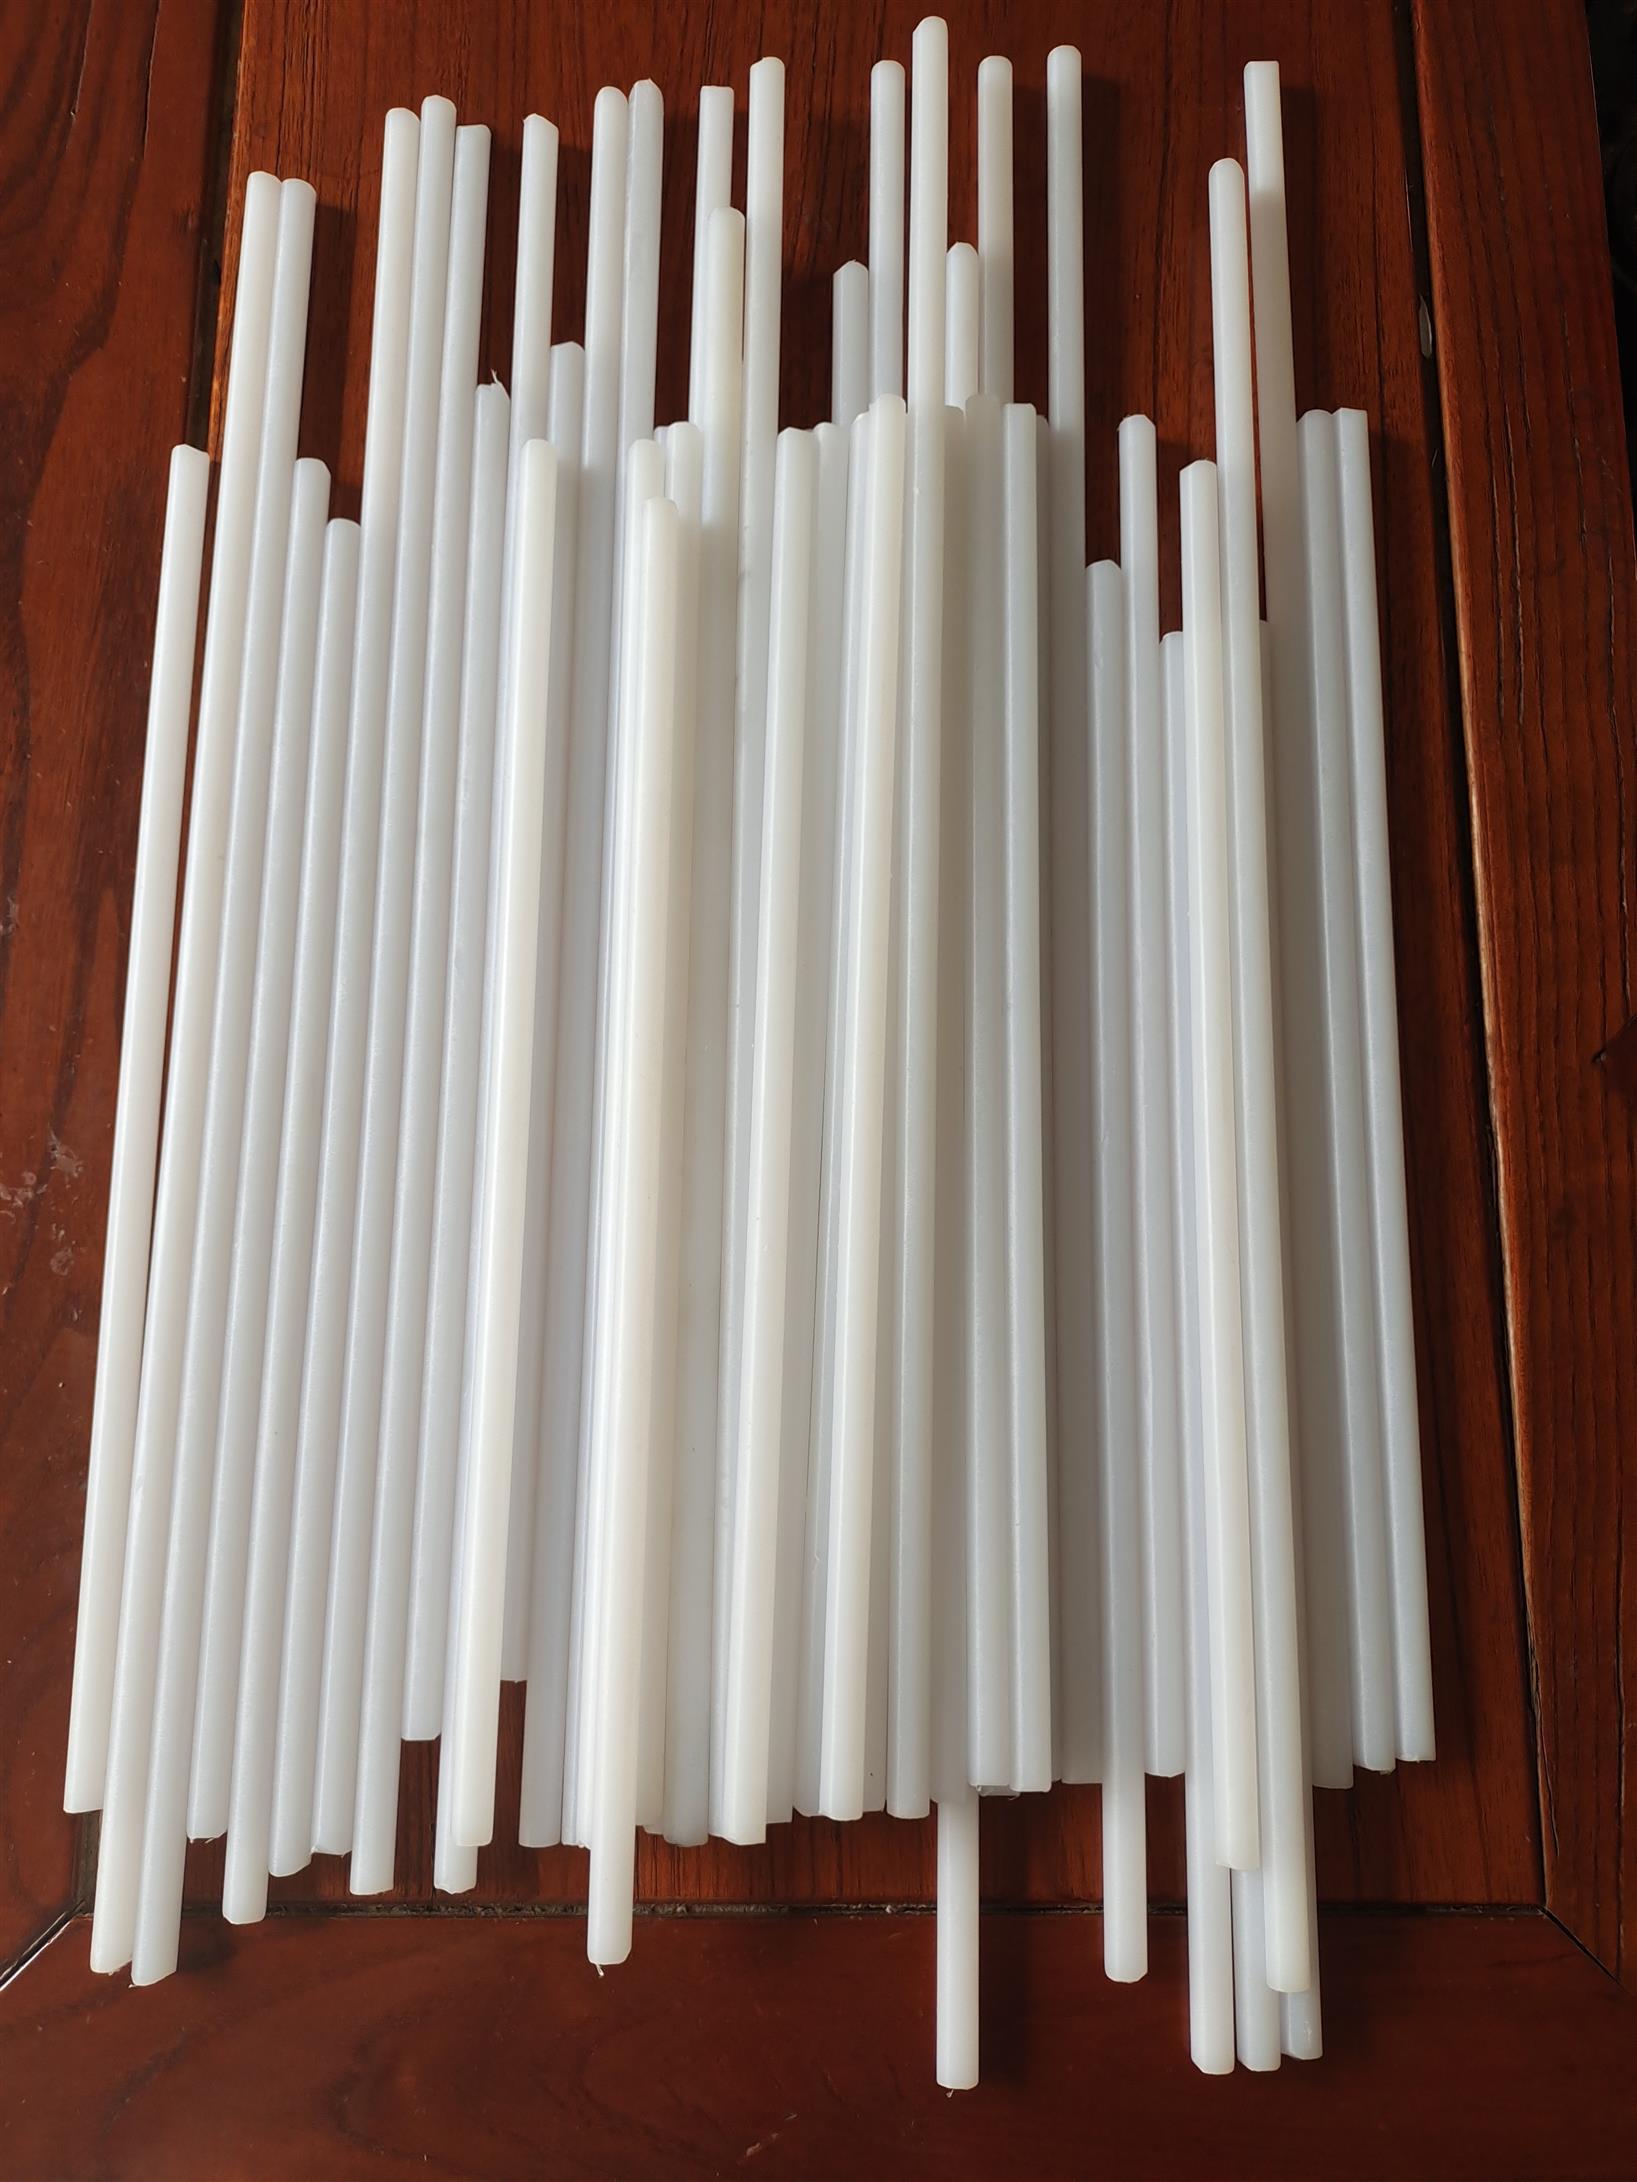 可溶性聚四氟乙烯棒 昆明白色PFA棒批發 南寧白色半透明PFA棒供貨商